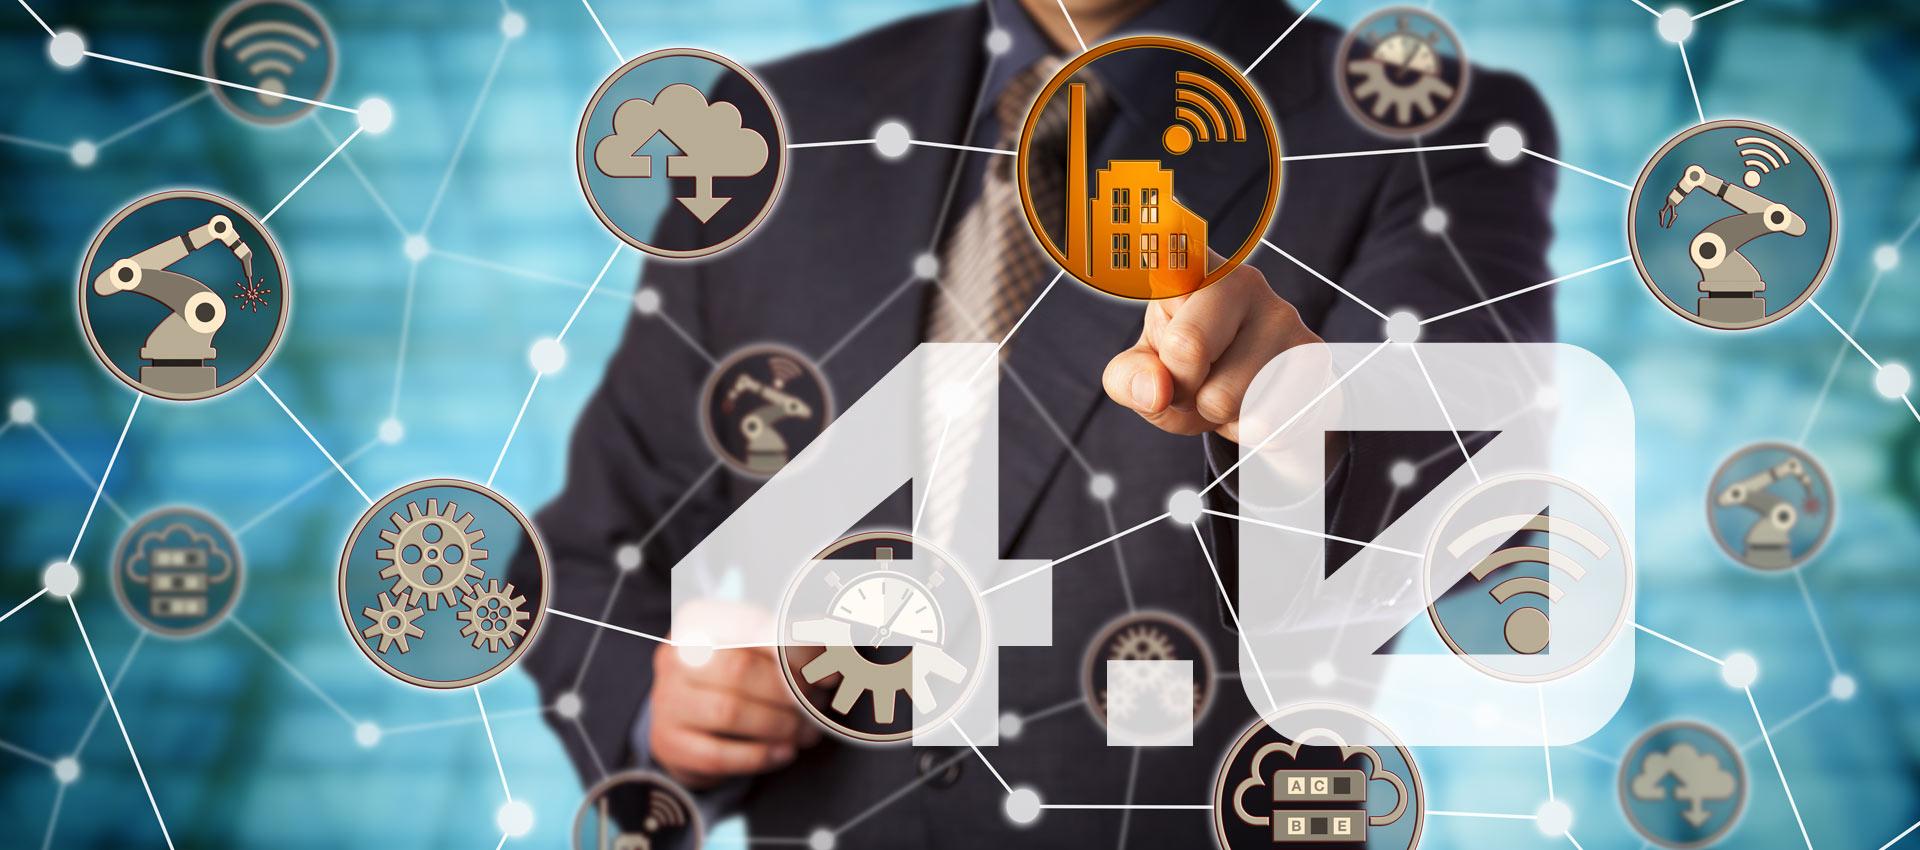 gbm imagen slider home industria 4.0